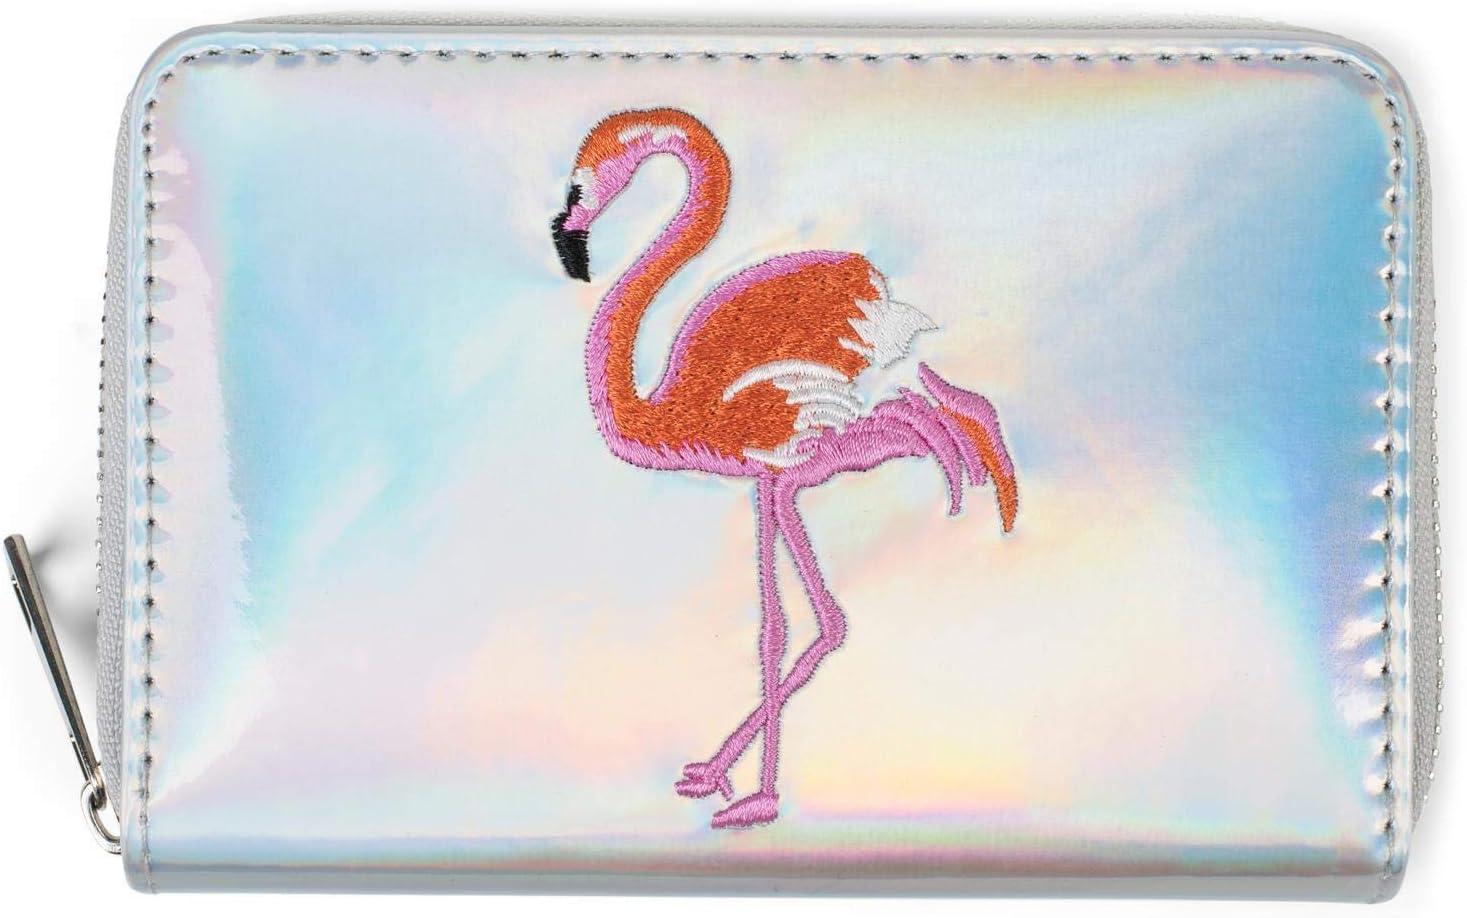 Porte-monnaie en toile pour femme Motif flamant rose cocorrina Unisexe